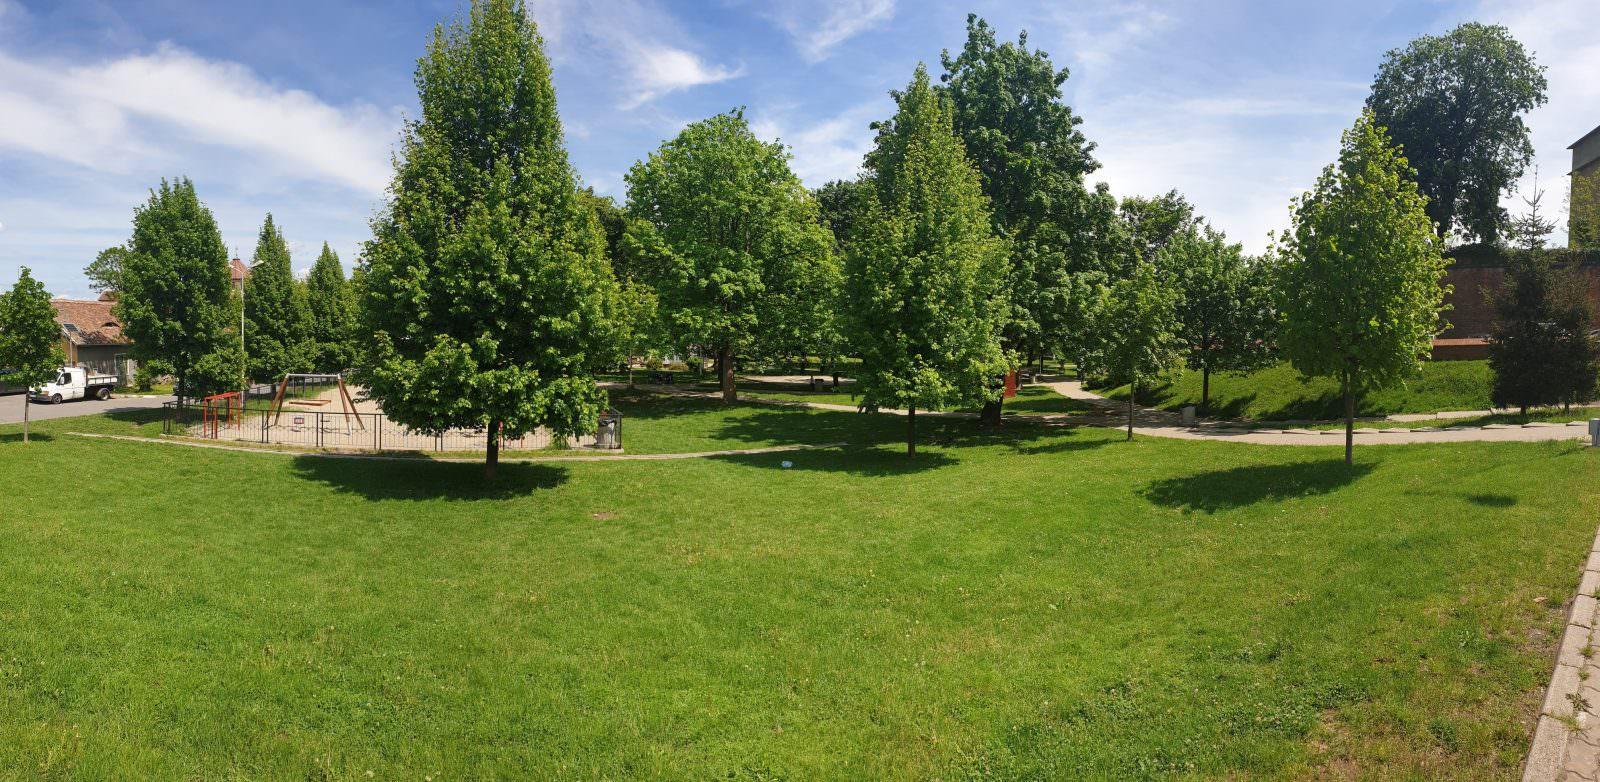 parcul tineretului foto 1